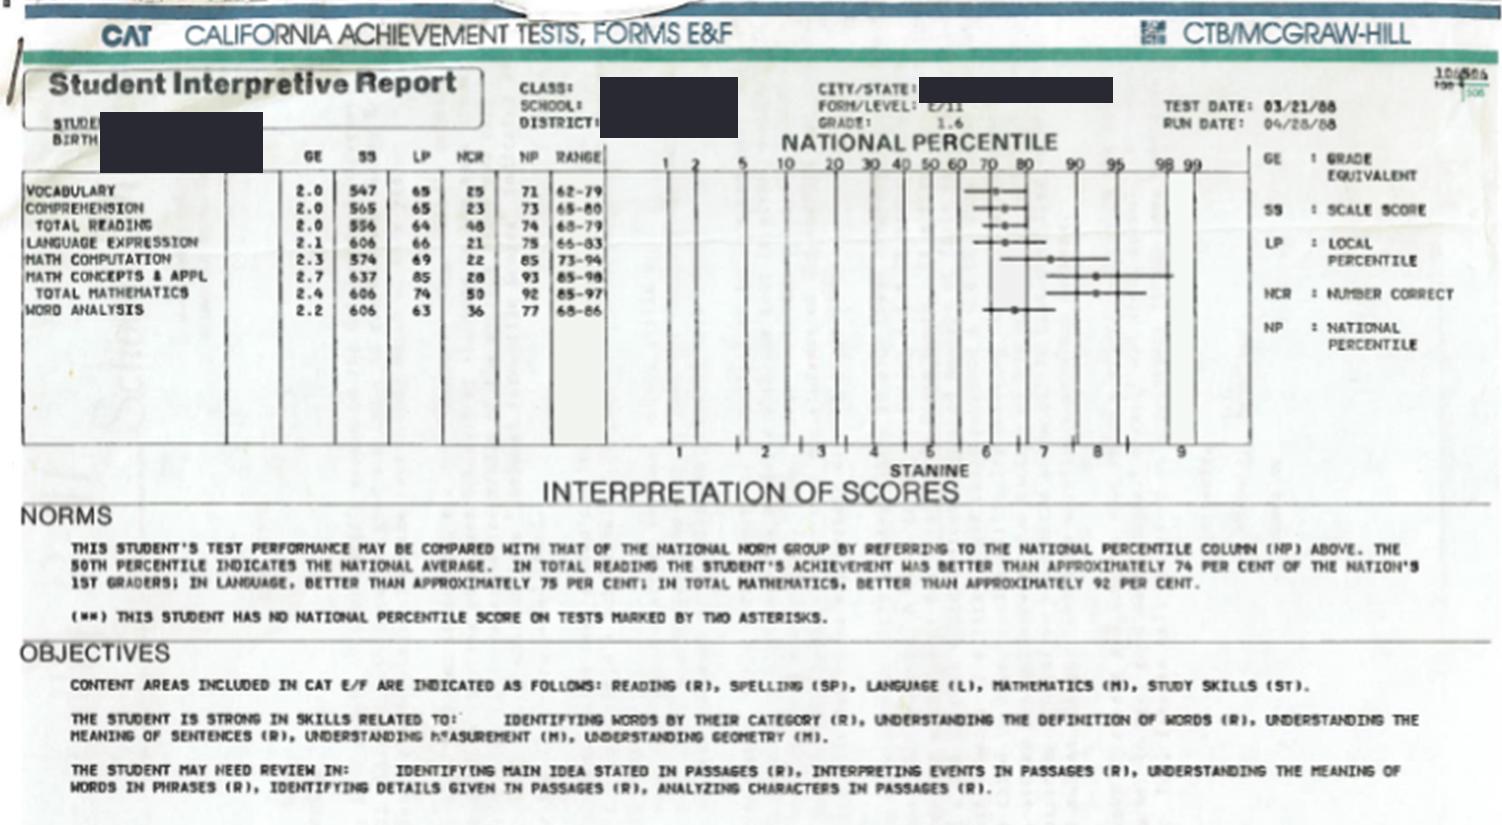 1988 test result printout